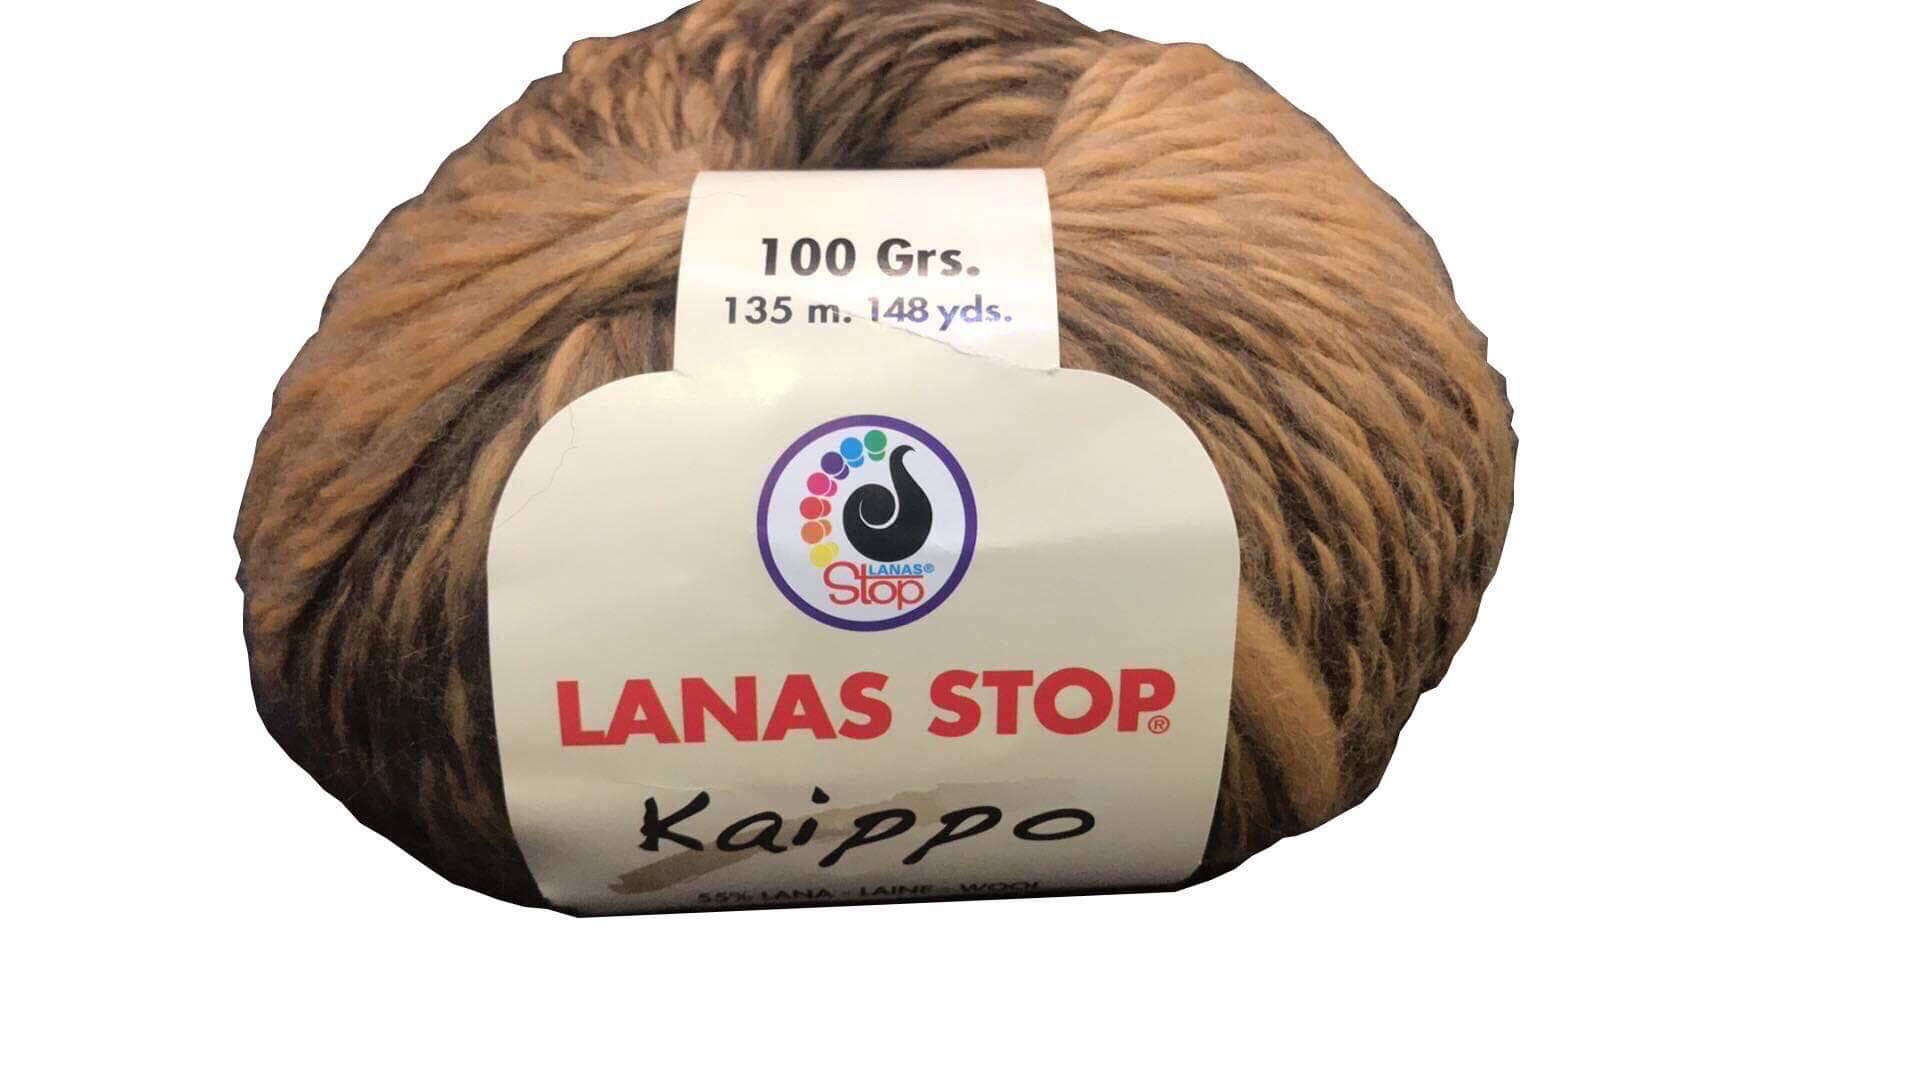 Νήμα για Πλέξιμο Lanas Stop Kaippo 278